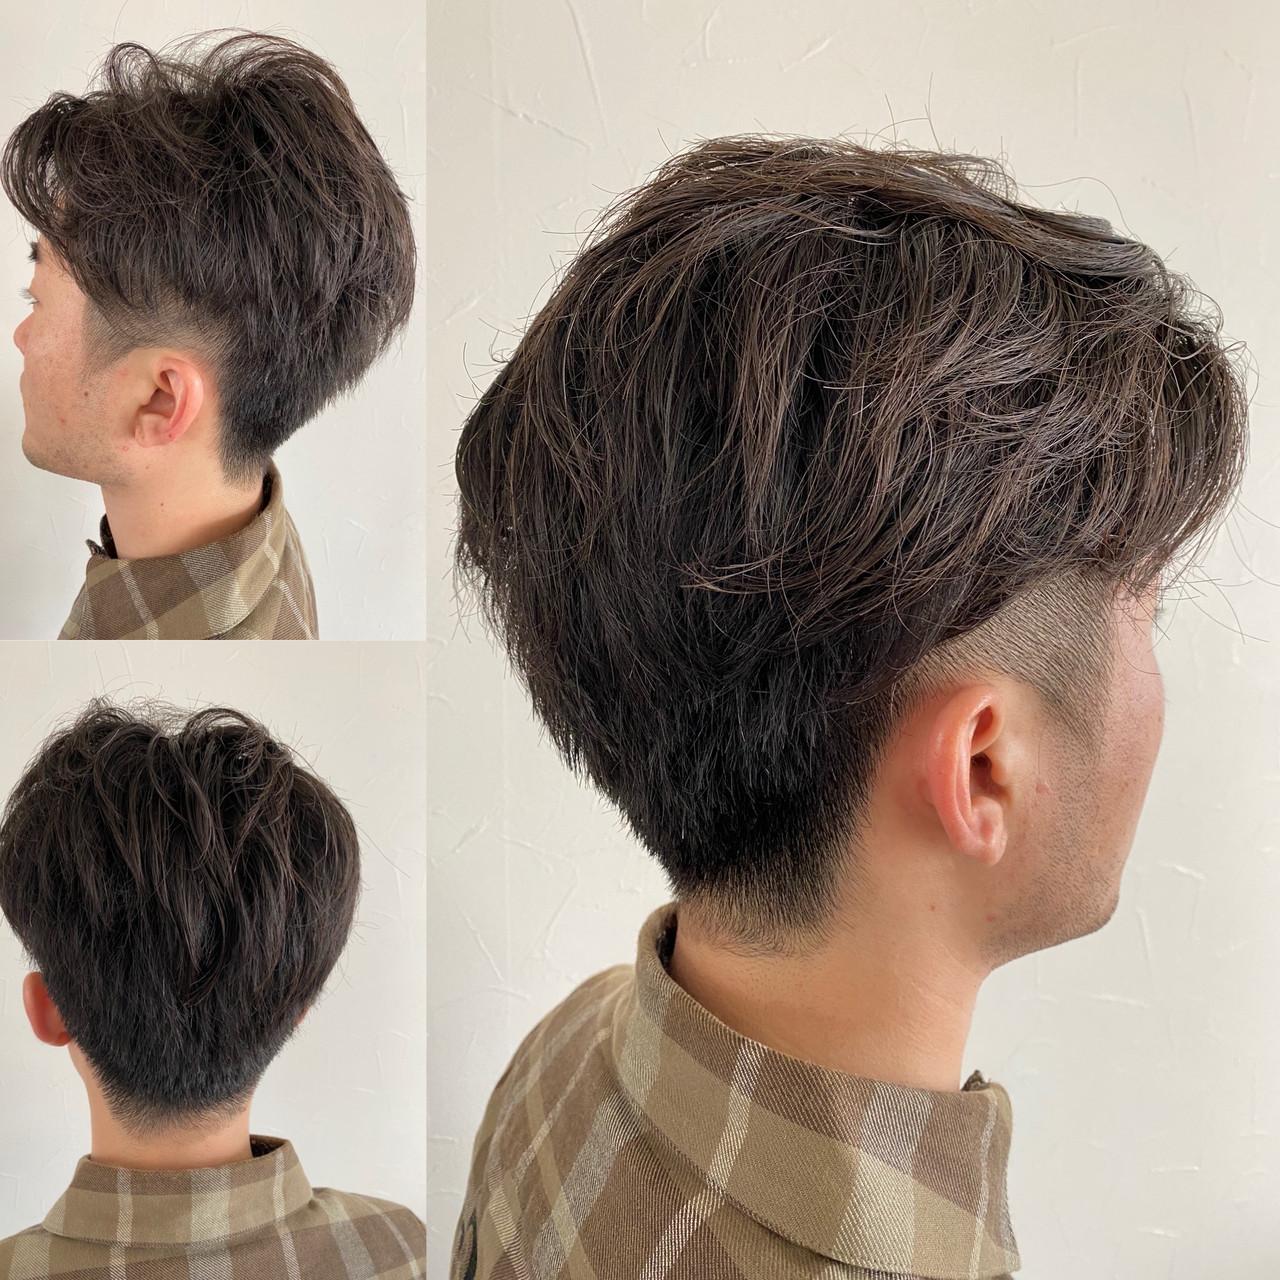 メンズショート ツーブロック ベリーショート ストリート ヘアスタイルや髪型の写真・画像